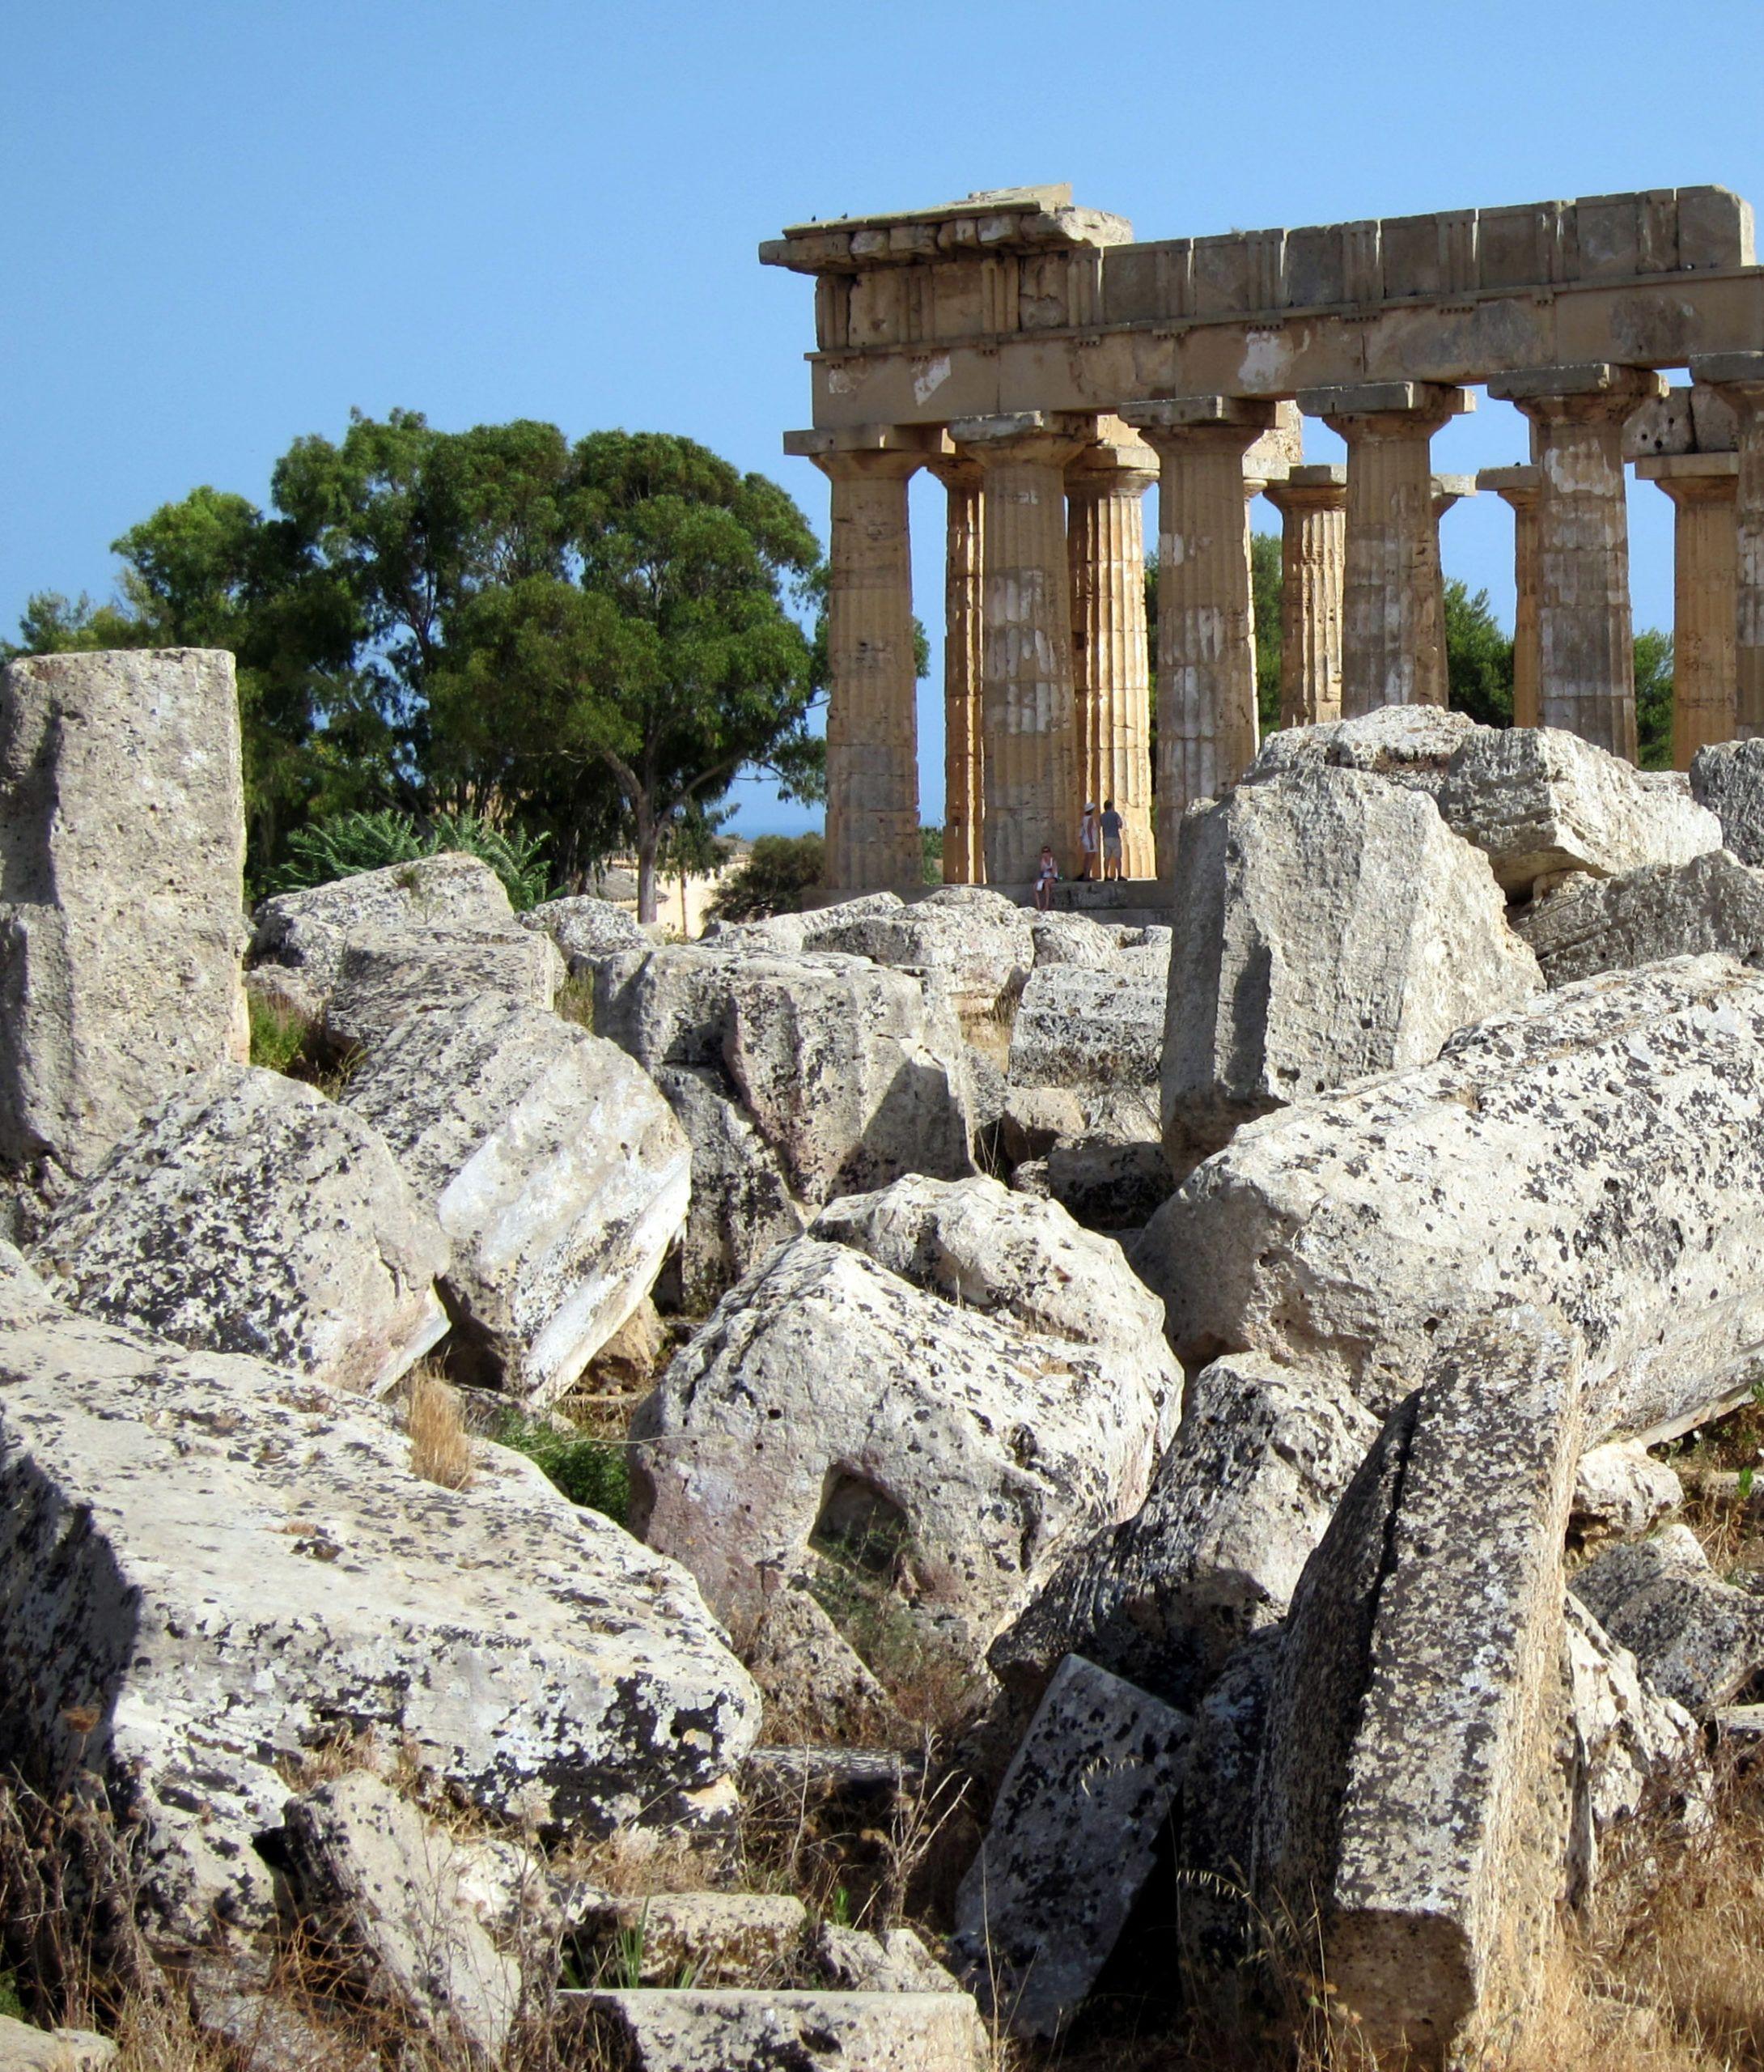 Enograstronomia e archeologia avvicinano Sicilia e Tunisia